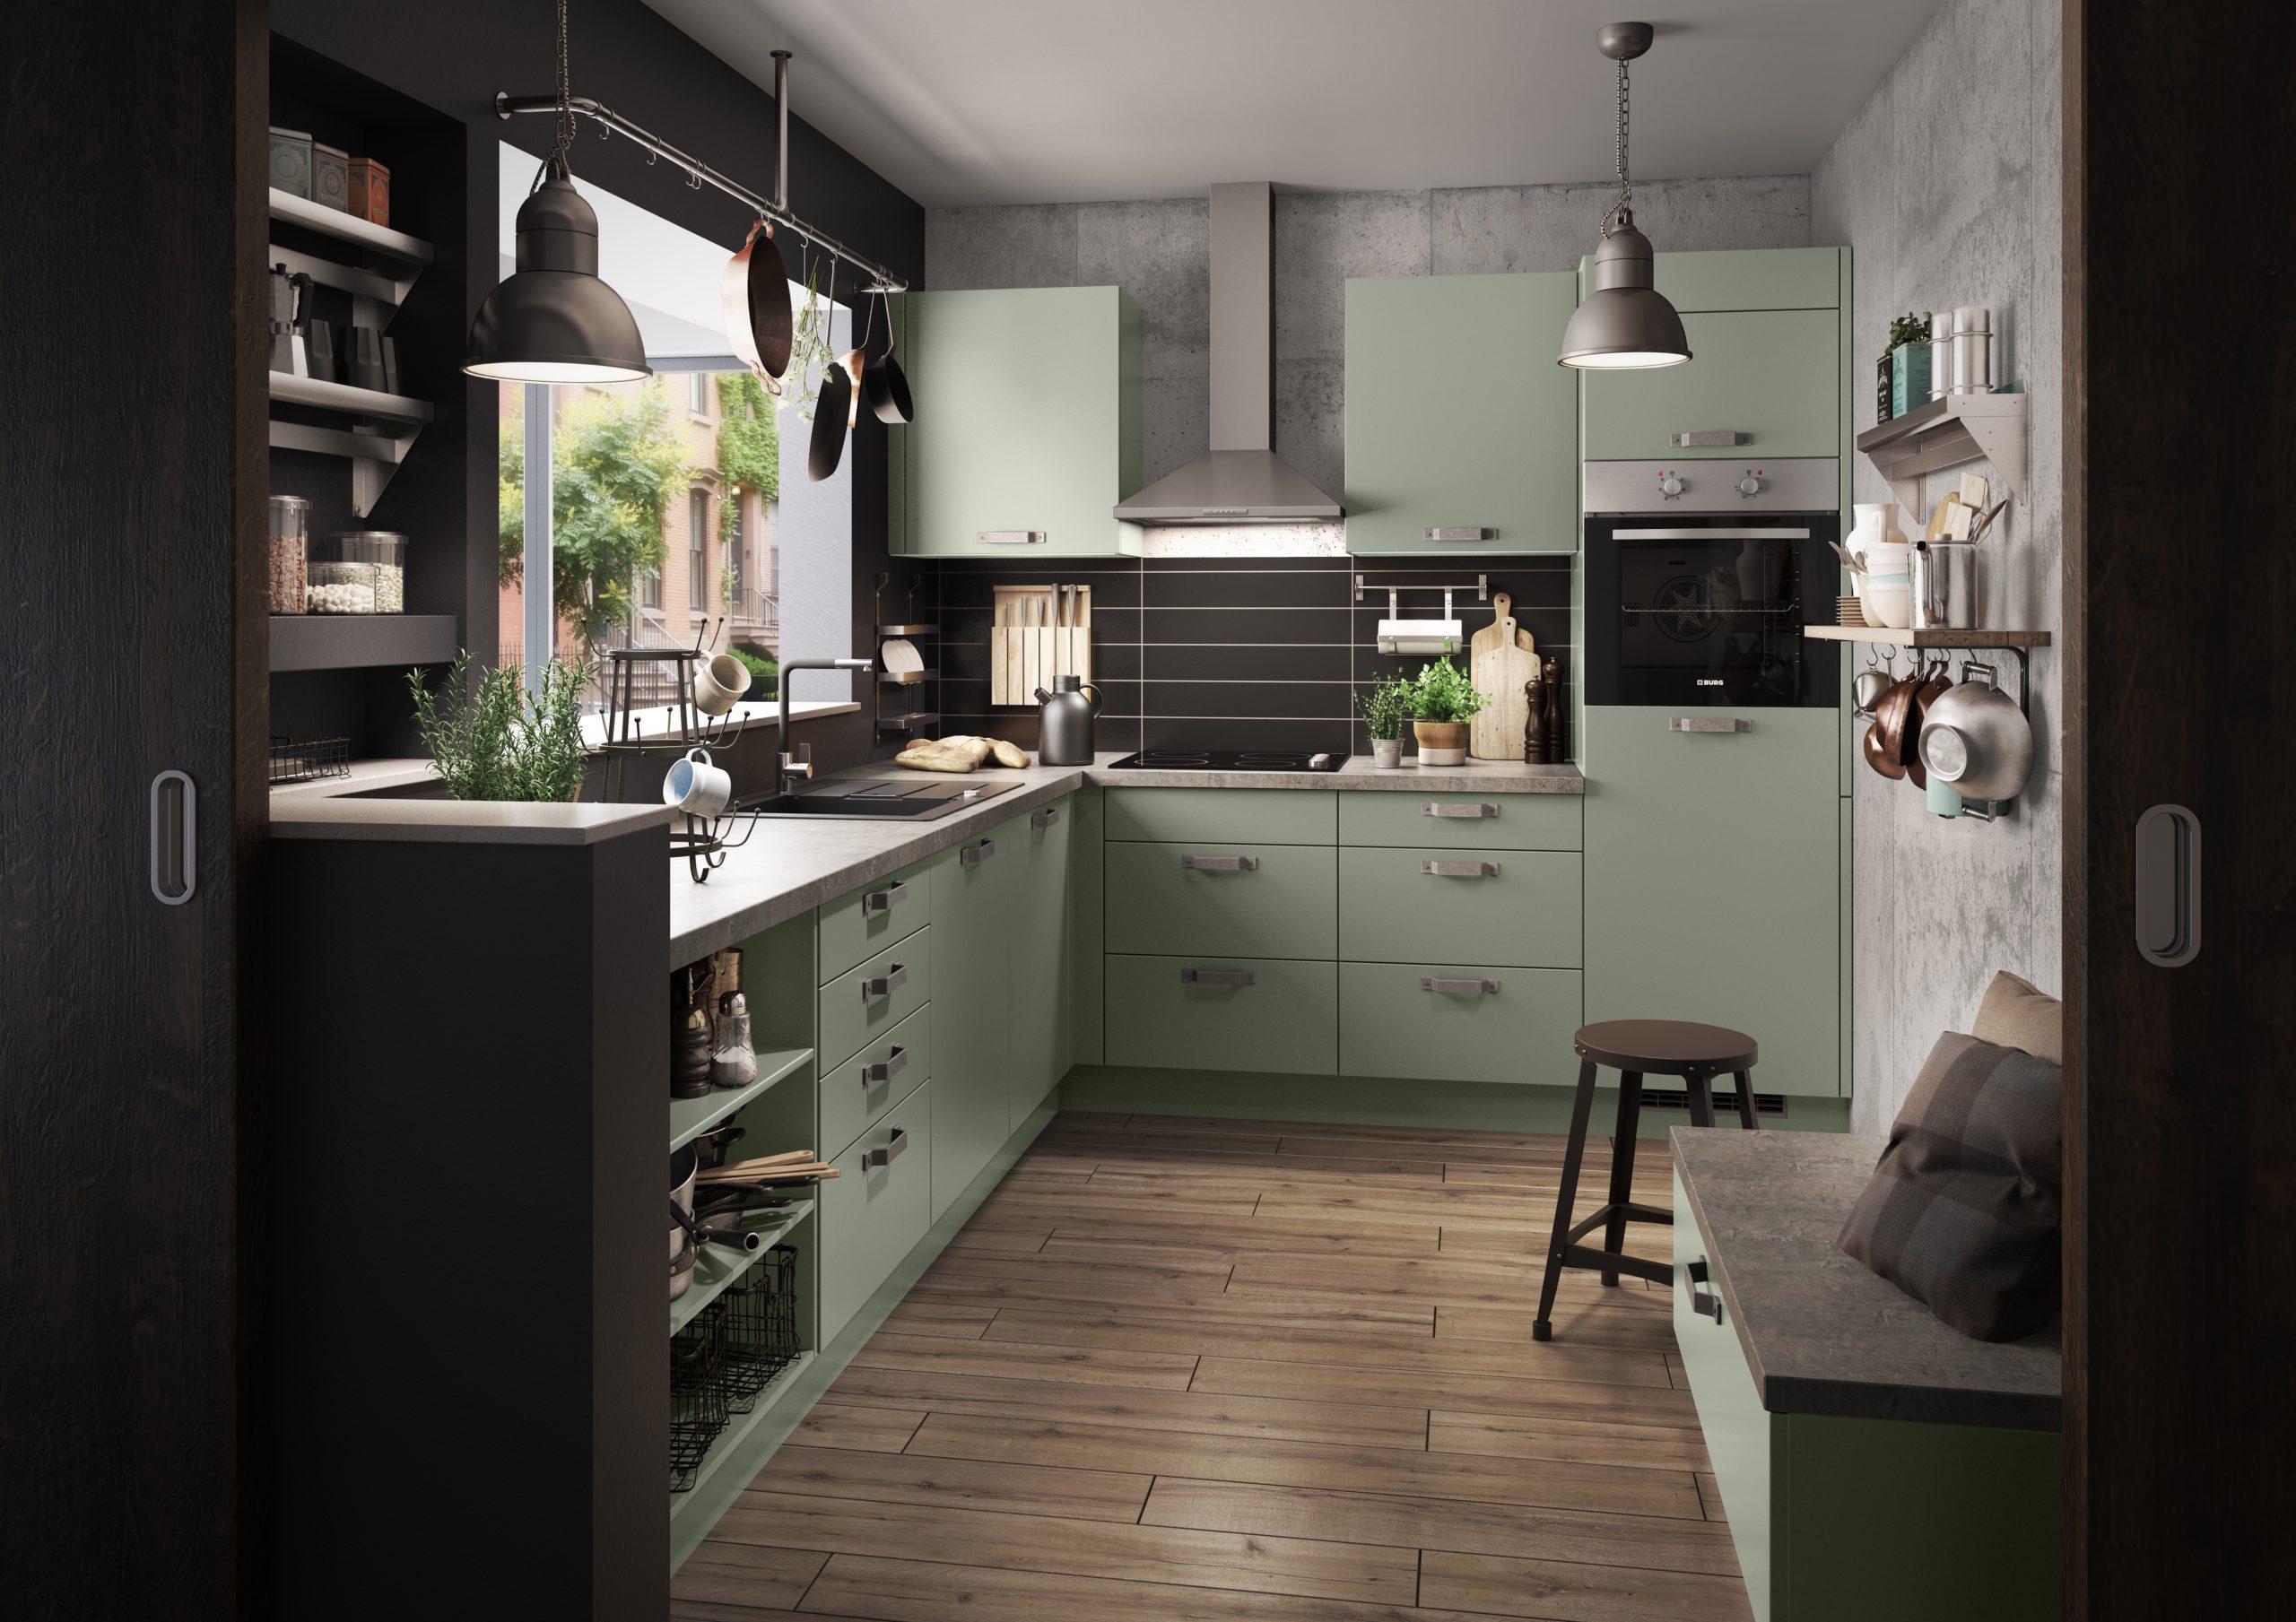 Full Size of Küche Grün Kaufen Küche Grün Streichen Küche Grün Ikea Küche Olivgrün Küche Küche Mintgrün